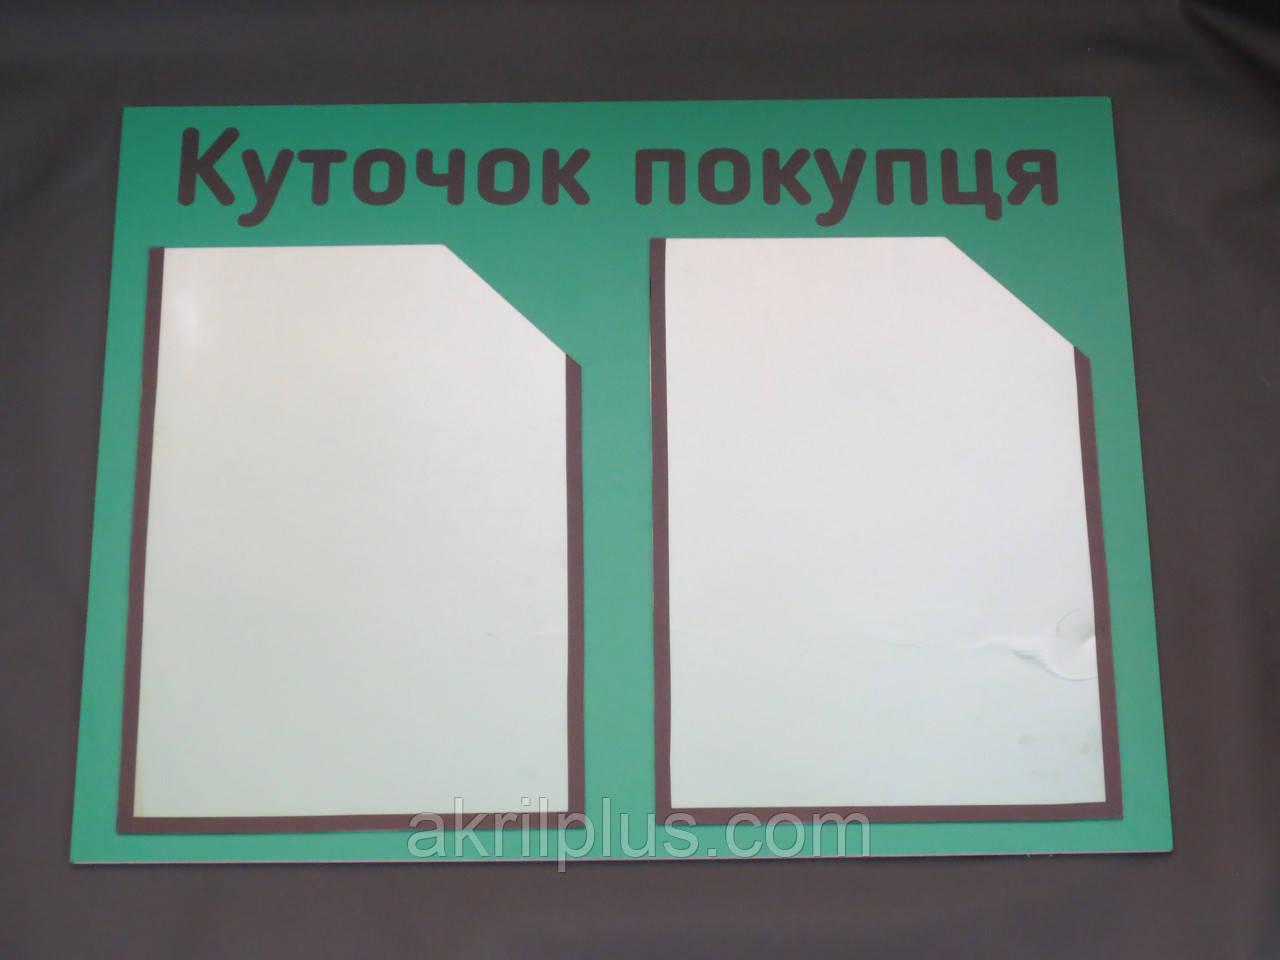 Уголок покупателя на 2 кармана А4 формата